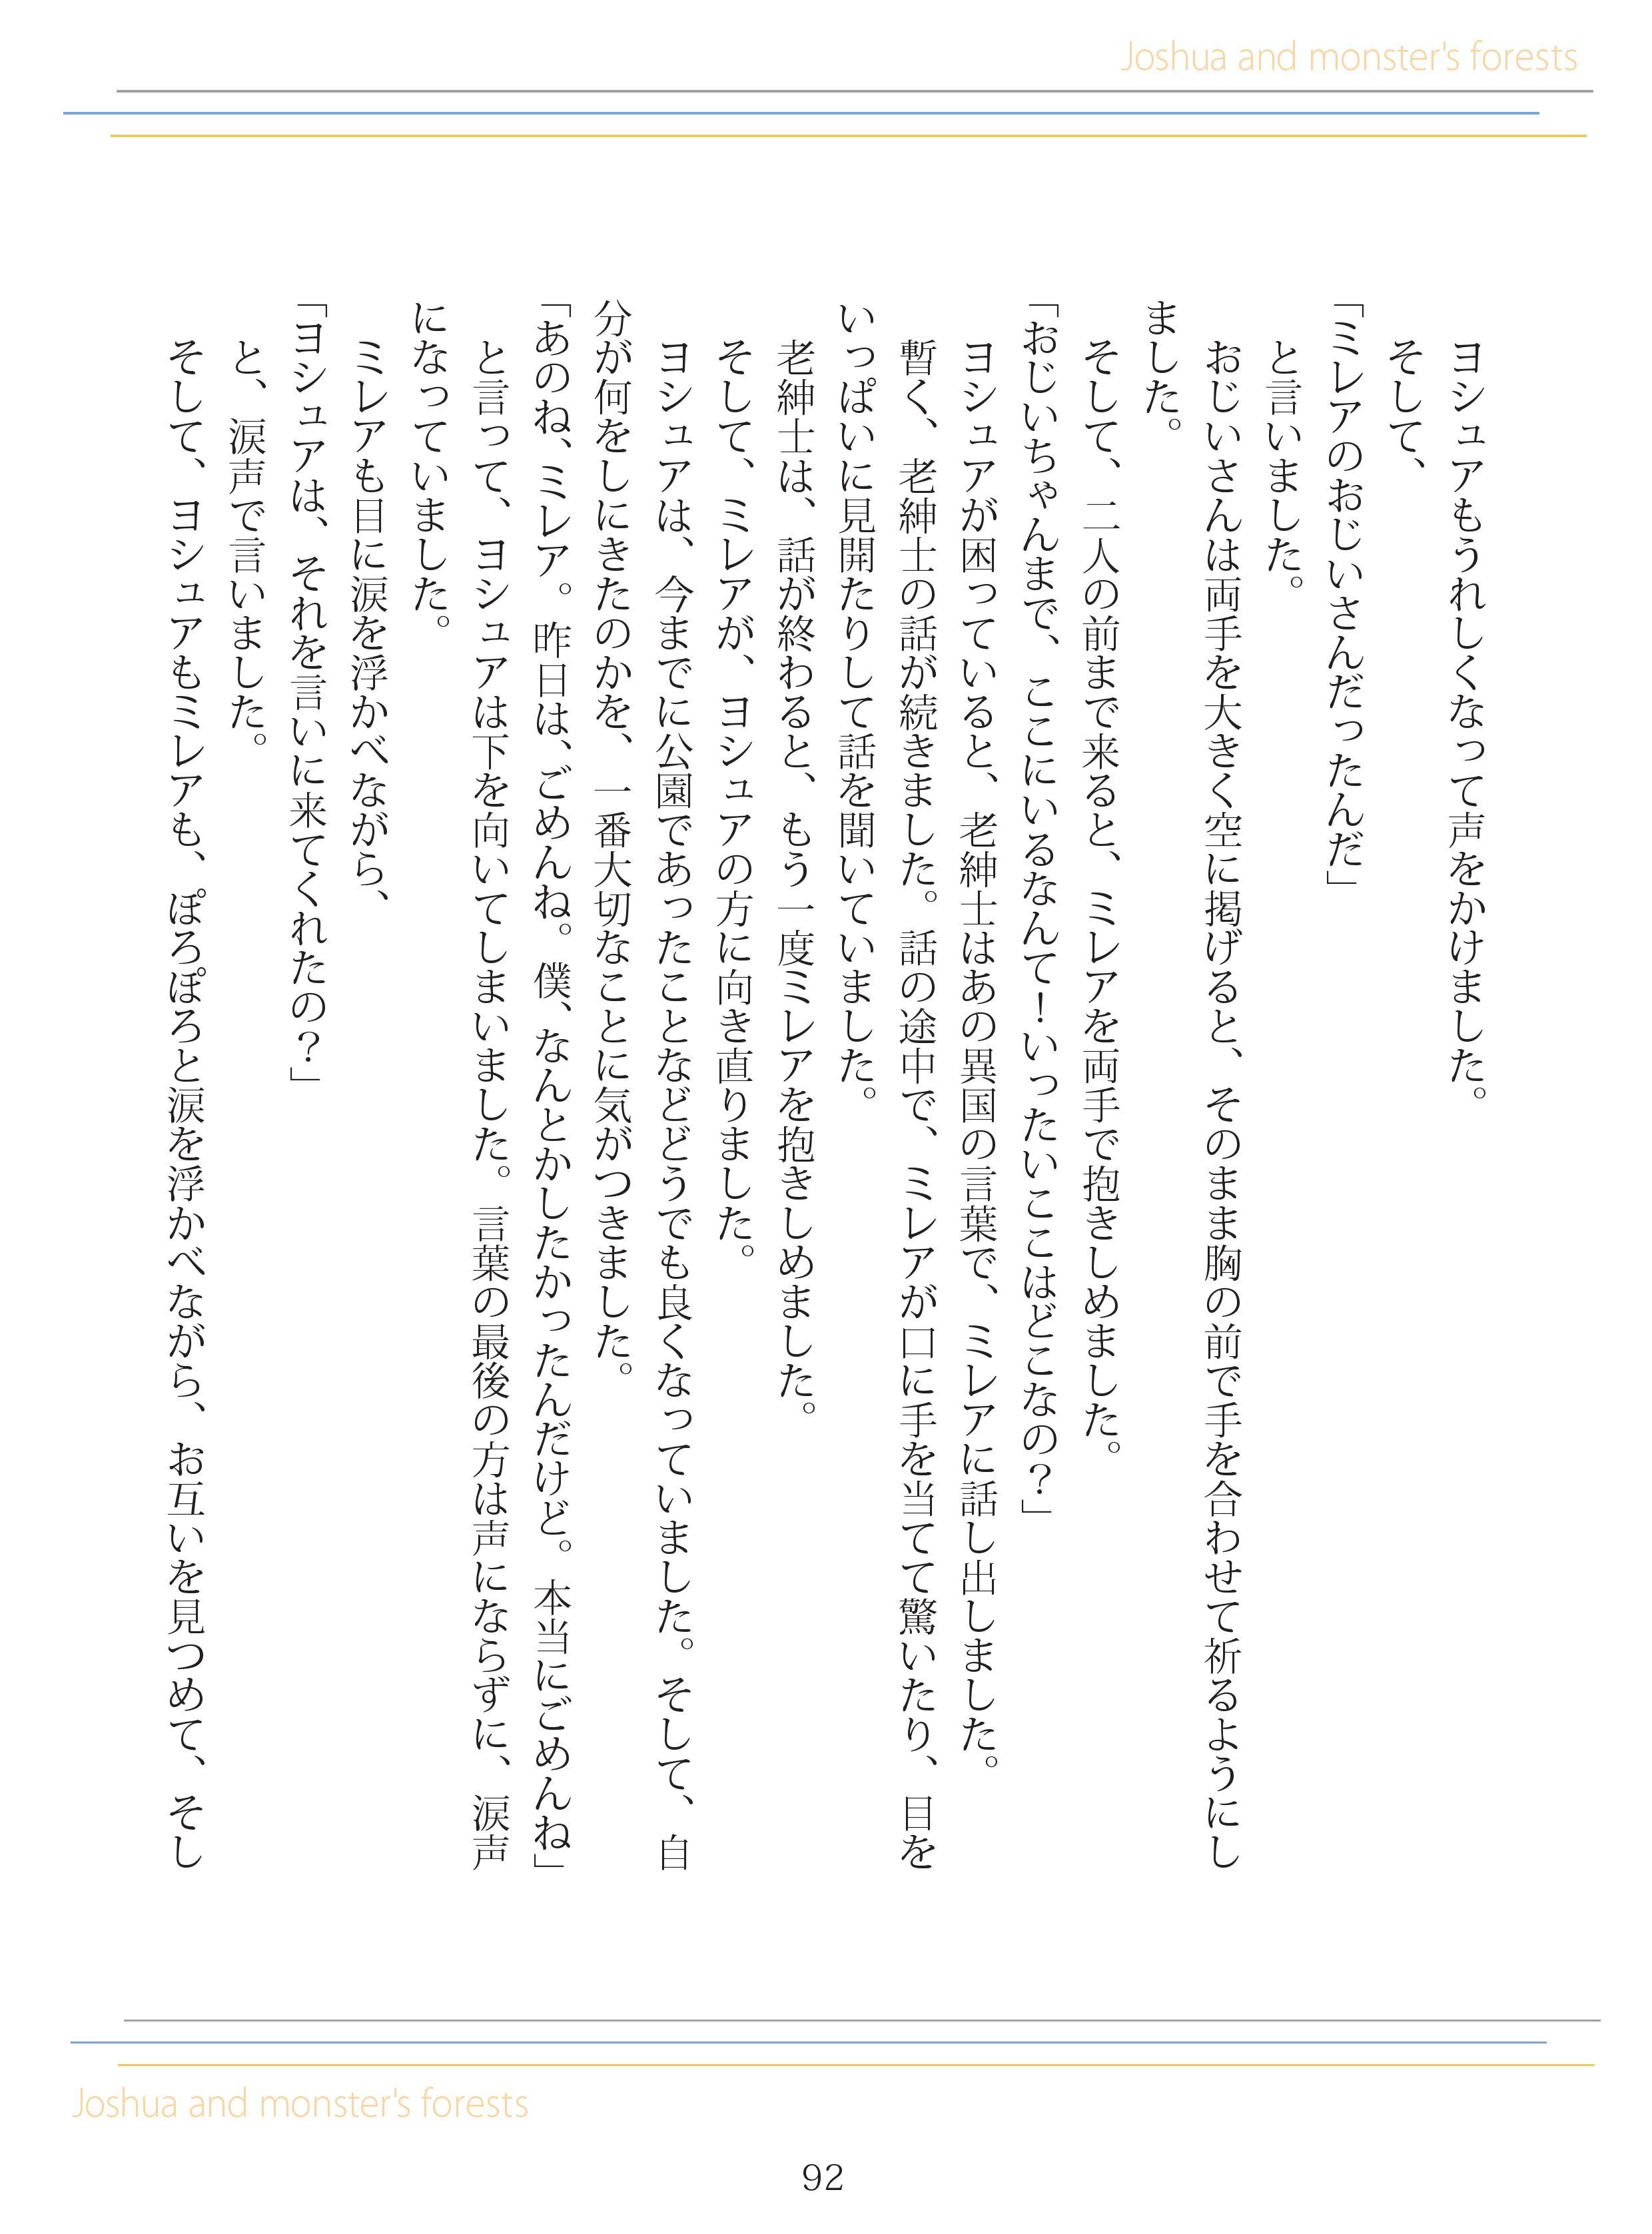 image_093